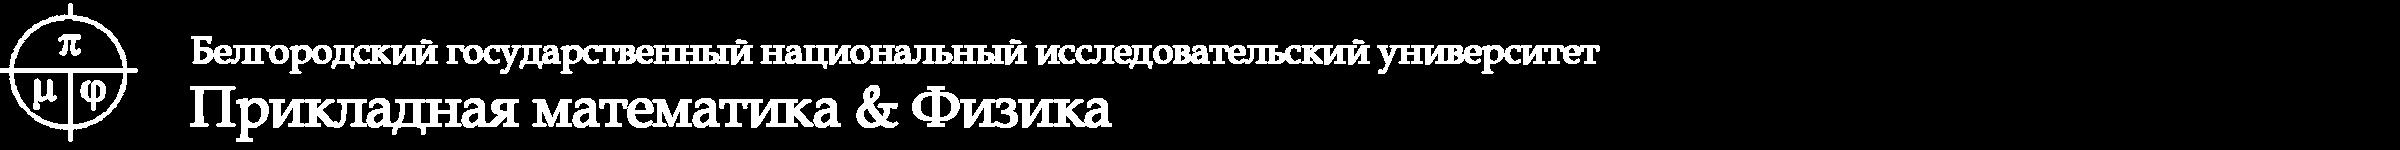 """Белгородский государственный национальный исследовательский университет. """"Прикладная Математика & Физика"""". Логотип университета."""